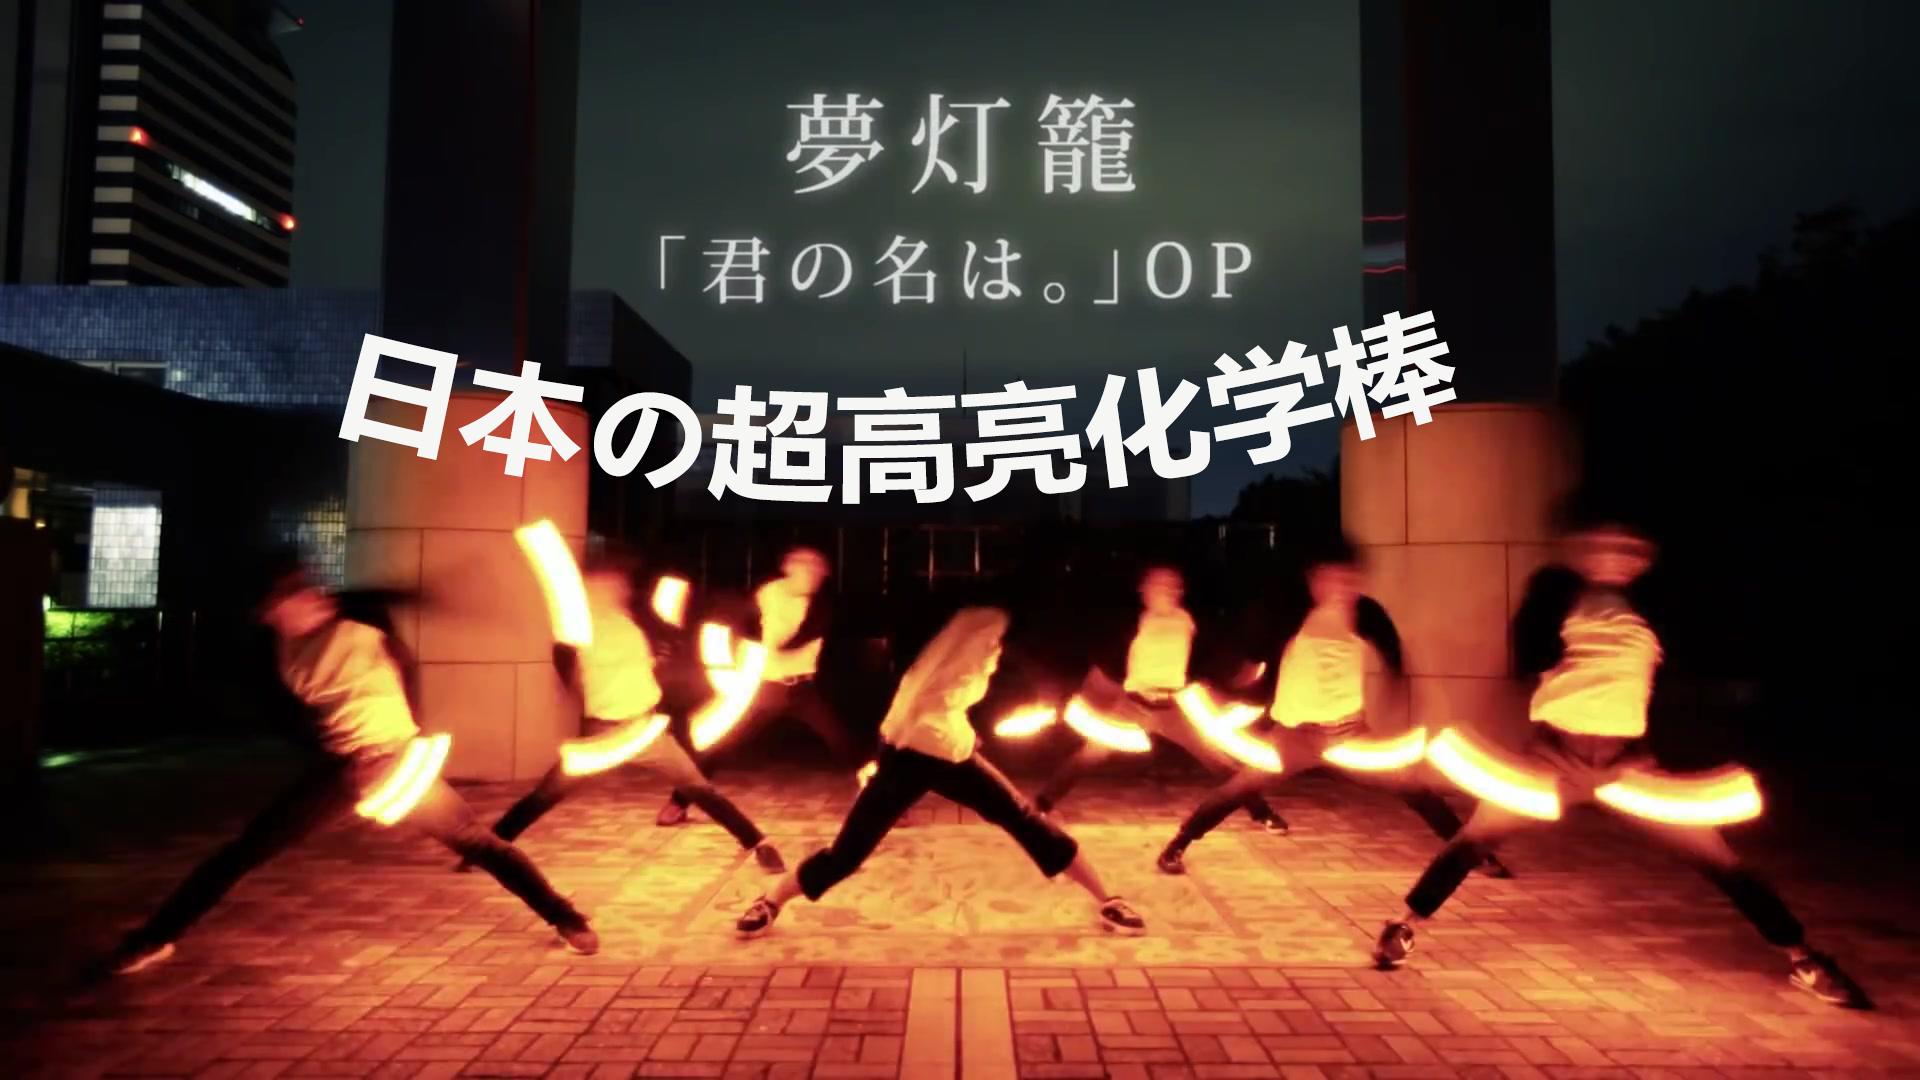 日本LUMICA大闪光ARC化学棒wota艺荧光棒超高亮舞蹈表演棒ANNA